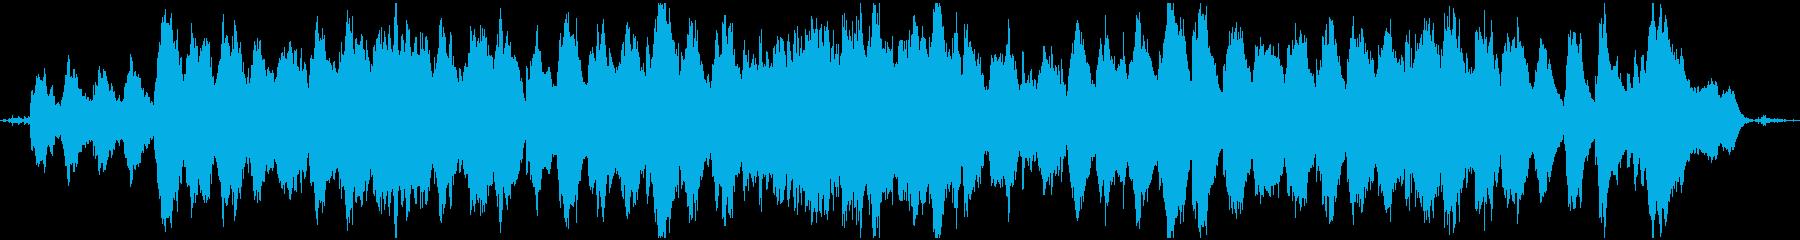 夢心地(ビーチサイド)の再生済みの波形